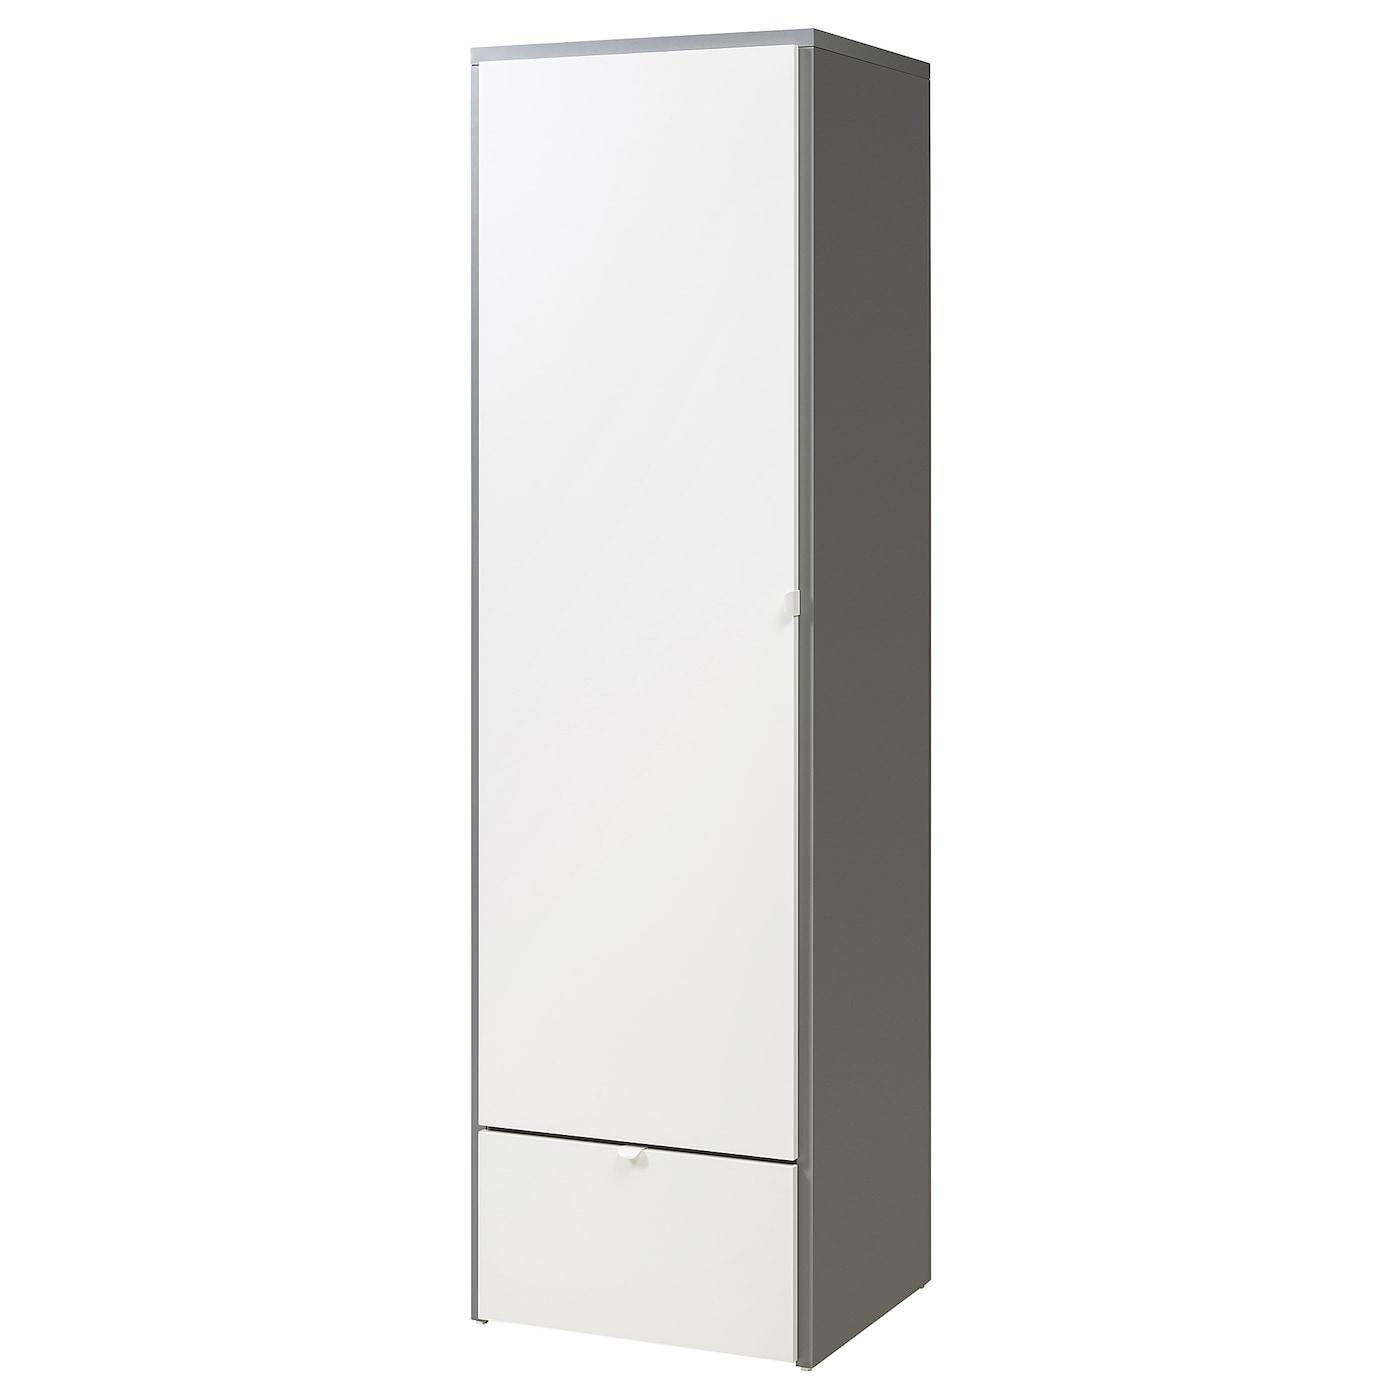 IKEA VISTHUS szara szafa z białymi drzwiami i szufladami, 63x59x216 cm